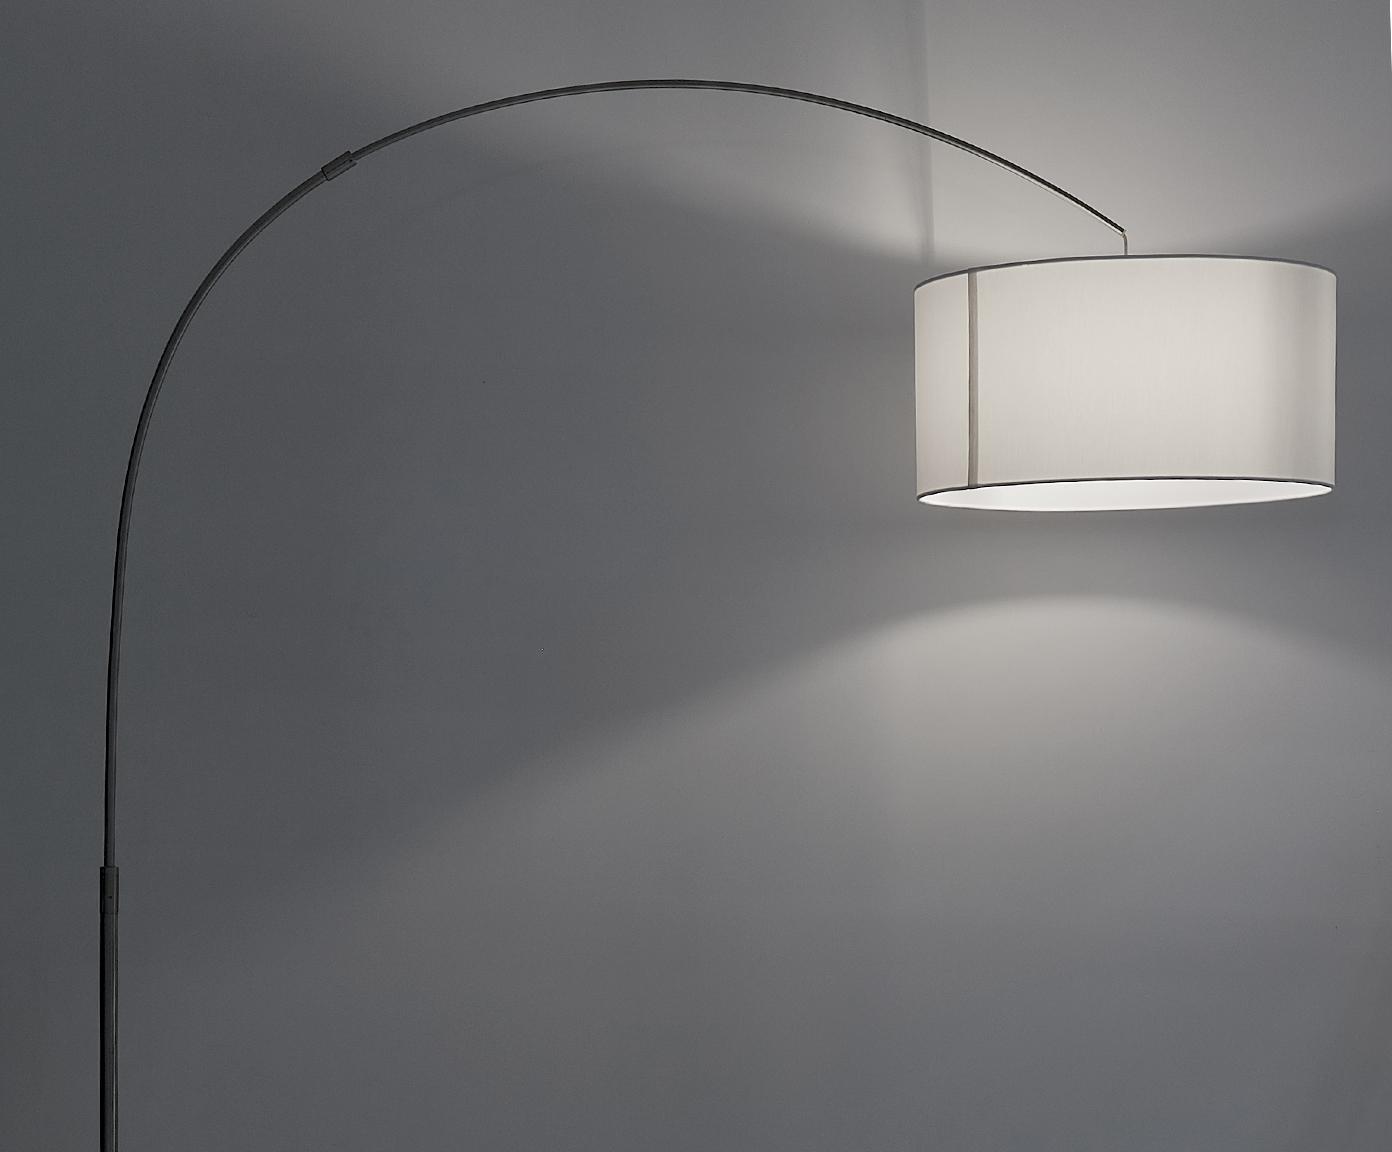 Booglamp Niels, Lampvoet: geborsteld metaal, Lampenkap: katoenmix, Lampenkap: wit. Lampvoet: chroomkleurig. Snoer: transparant, 157 x 218 cm